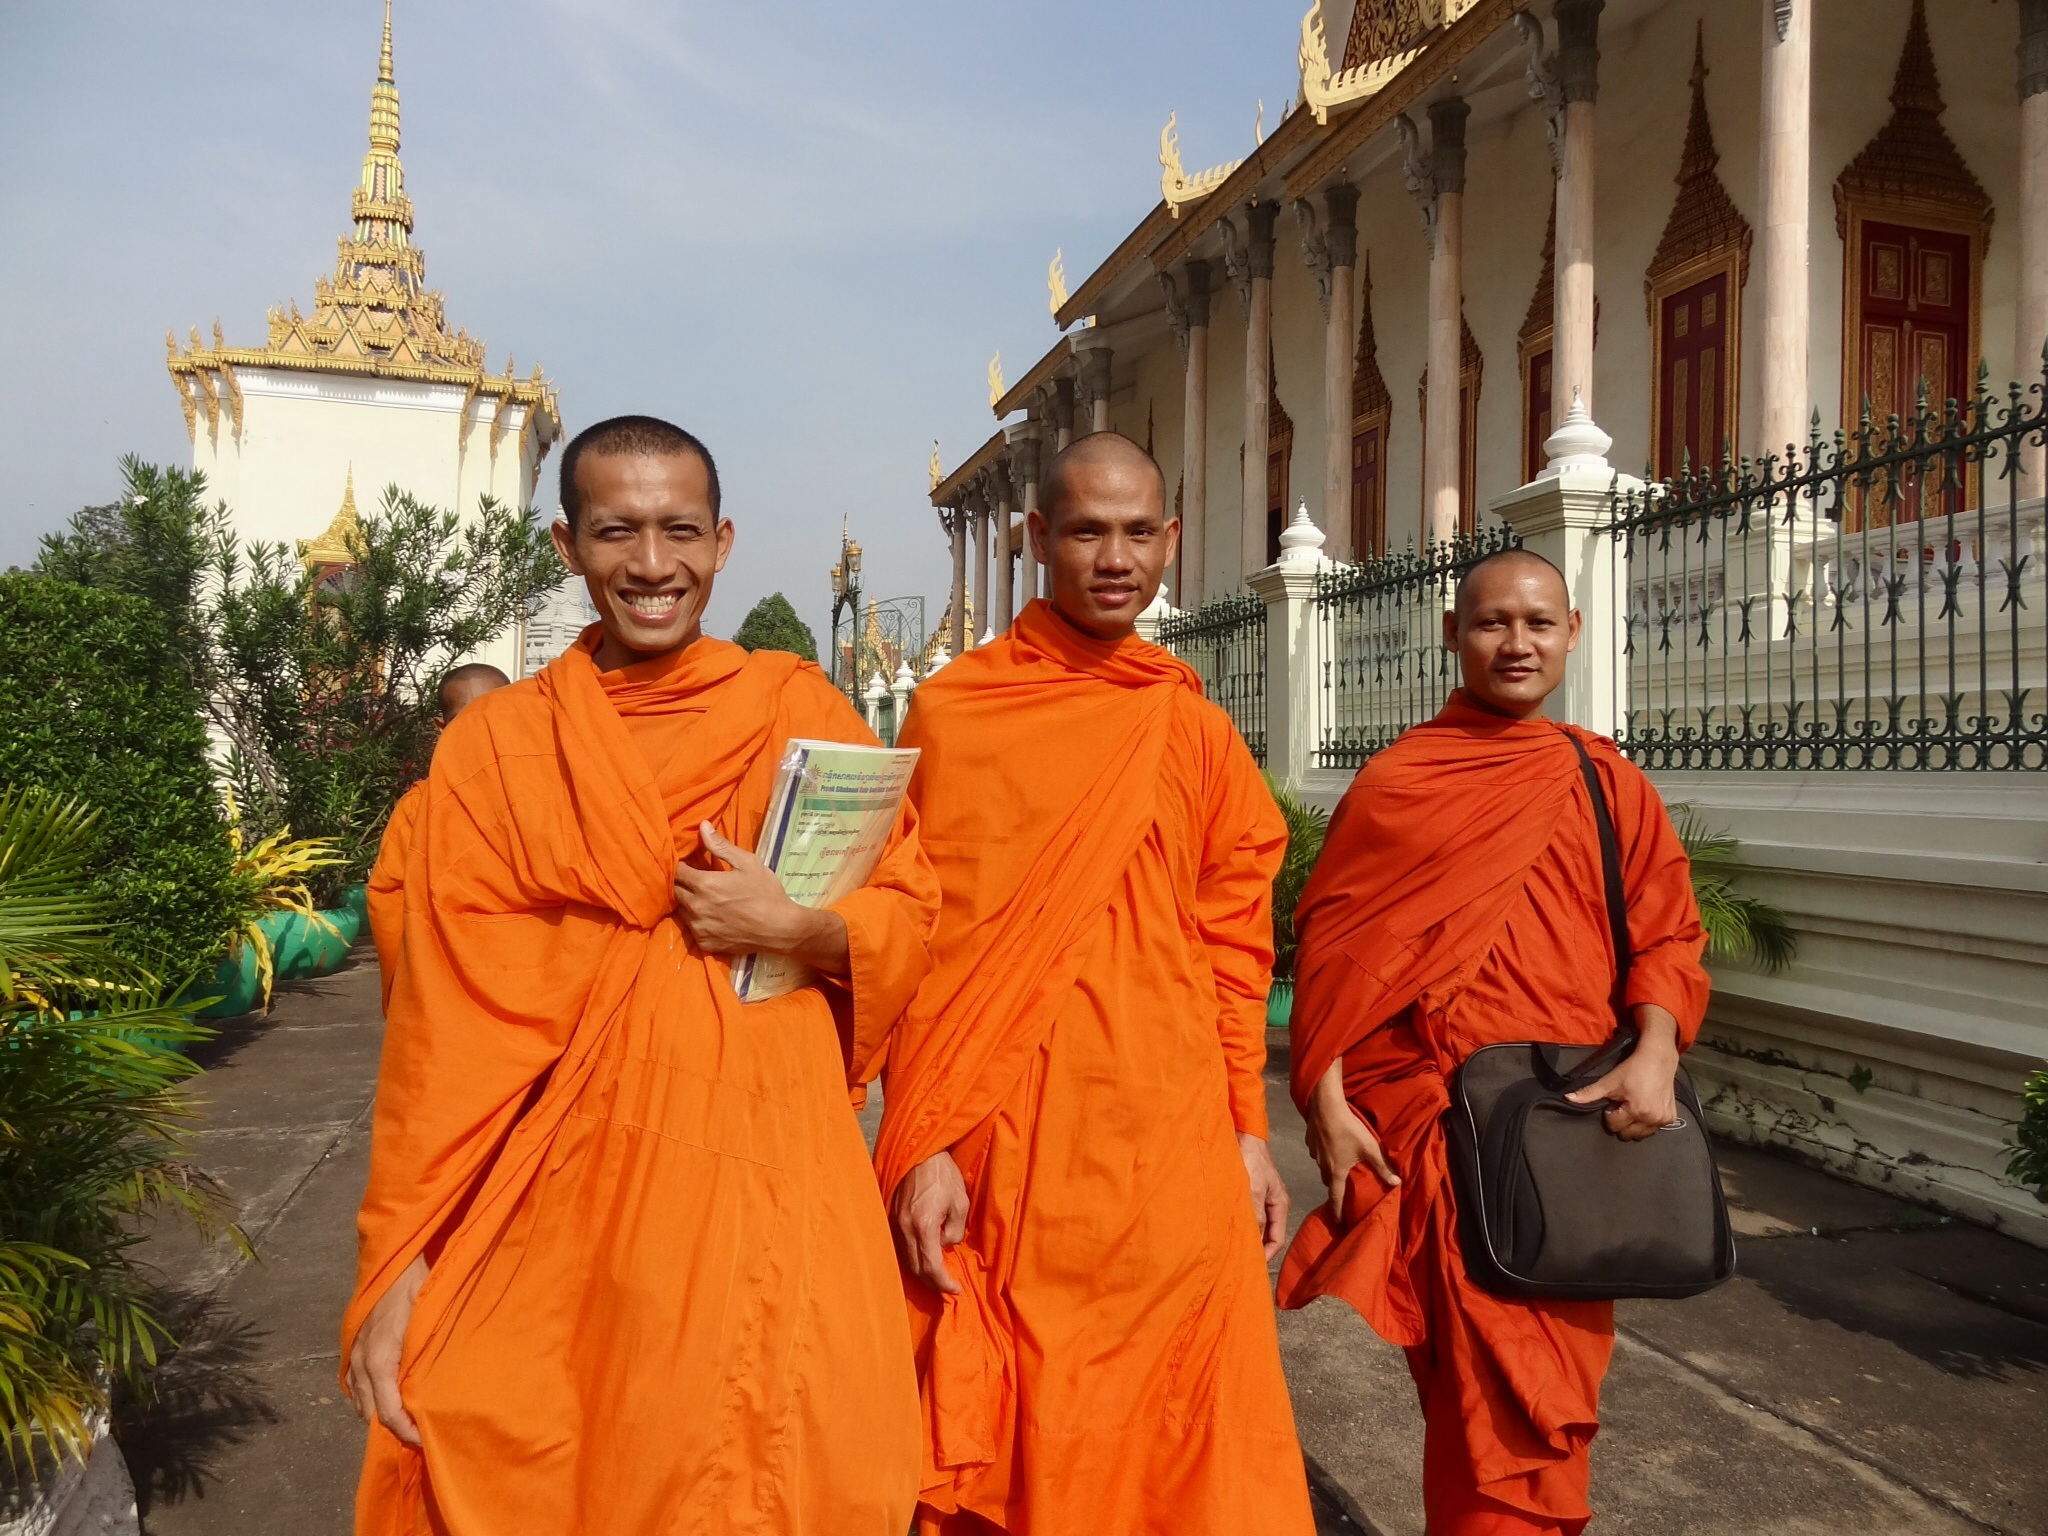 kambodsja flagg parad hotel nakenscener